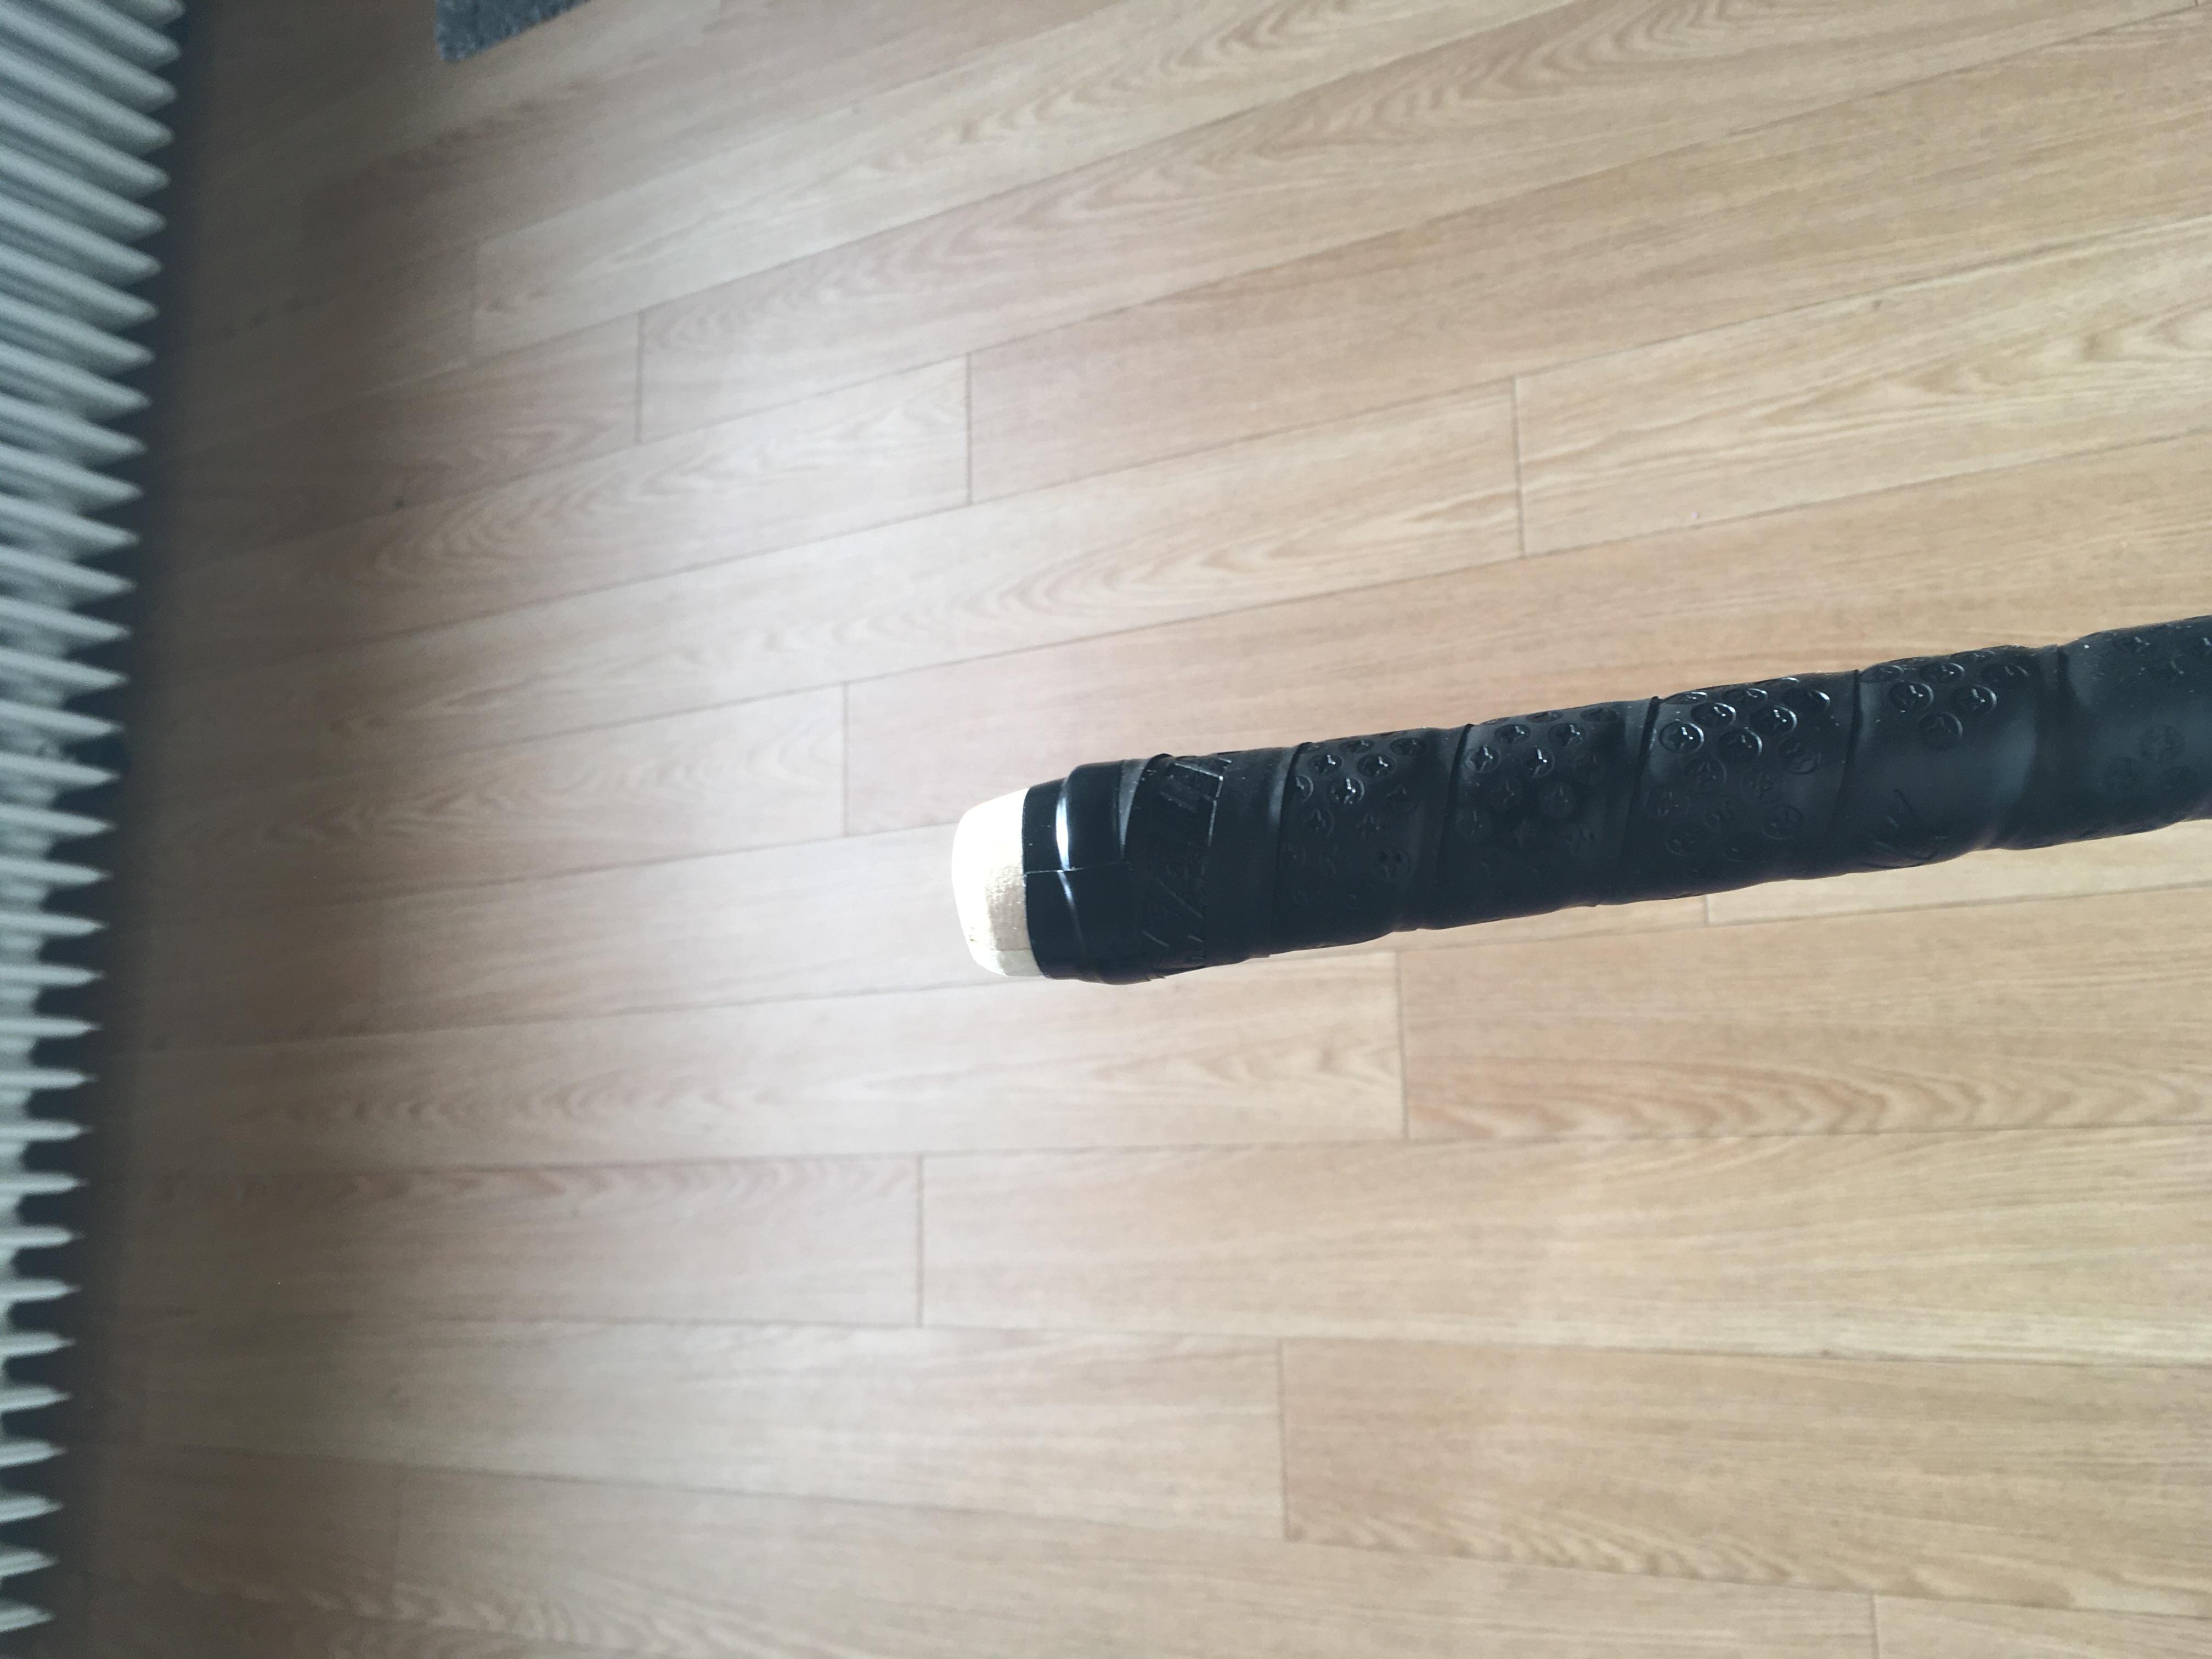 Malik Indoor Hockey Grip